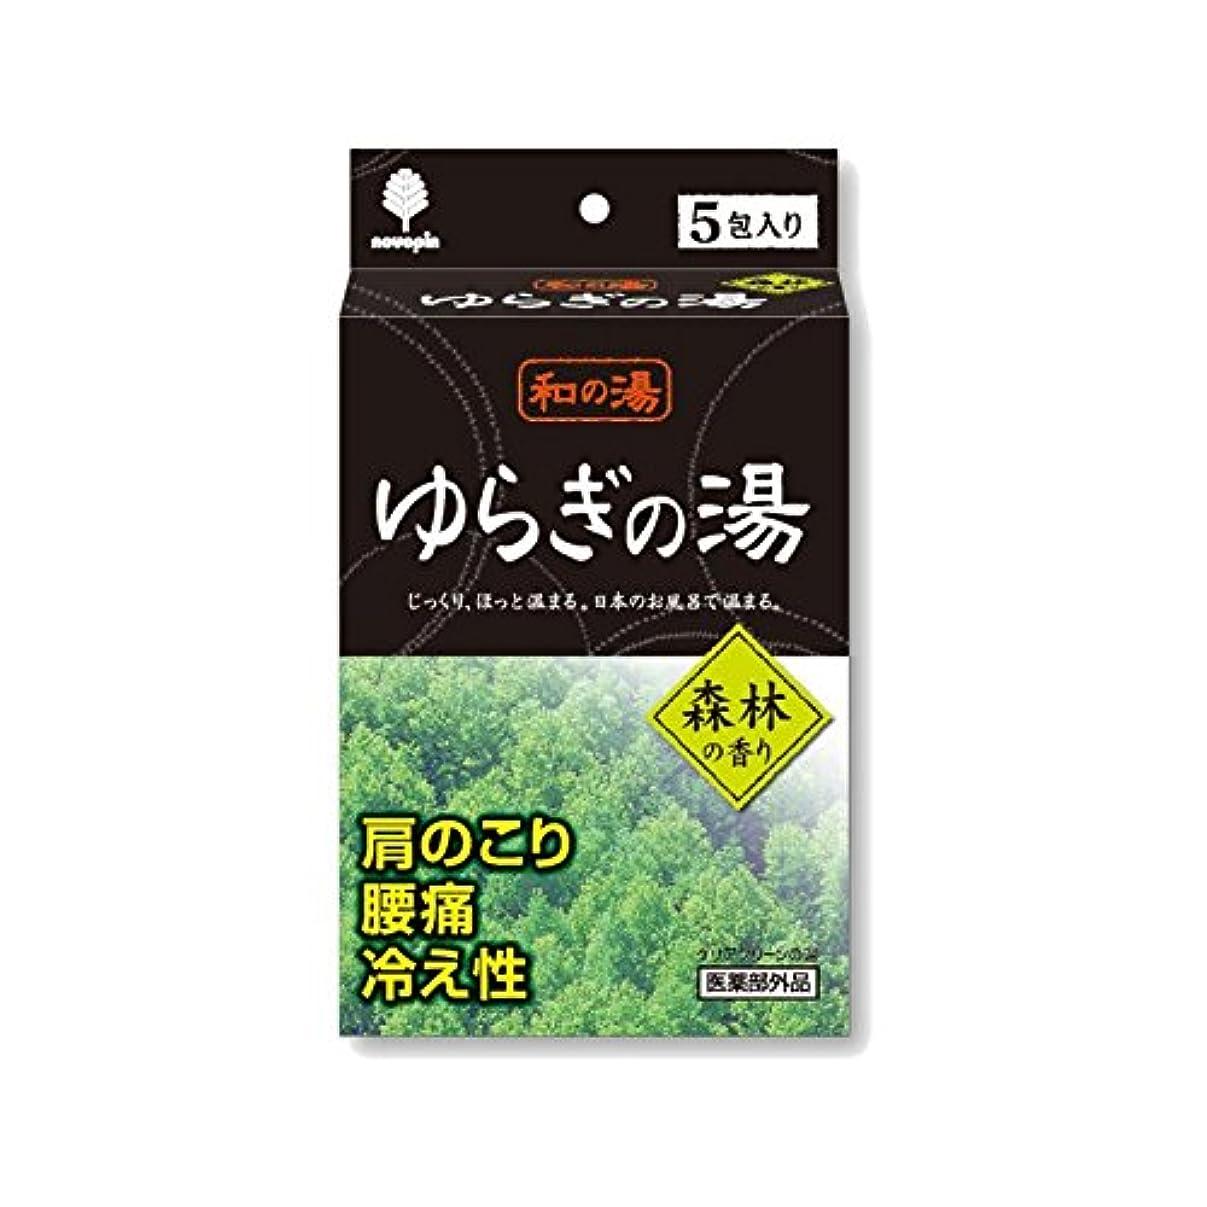 脊椎受け取る怒り和の湯 ゆらぎの湯 森林の香り(25gx5)x10